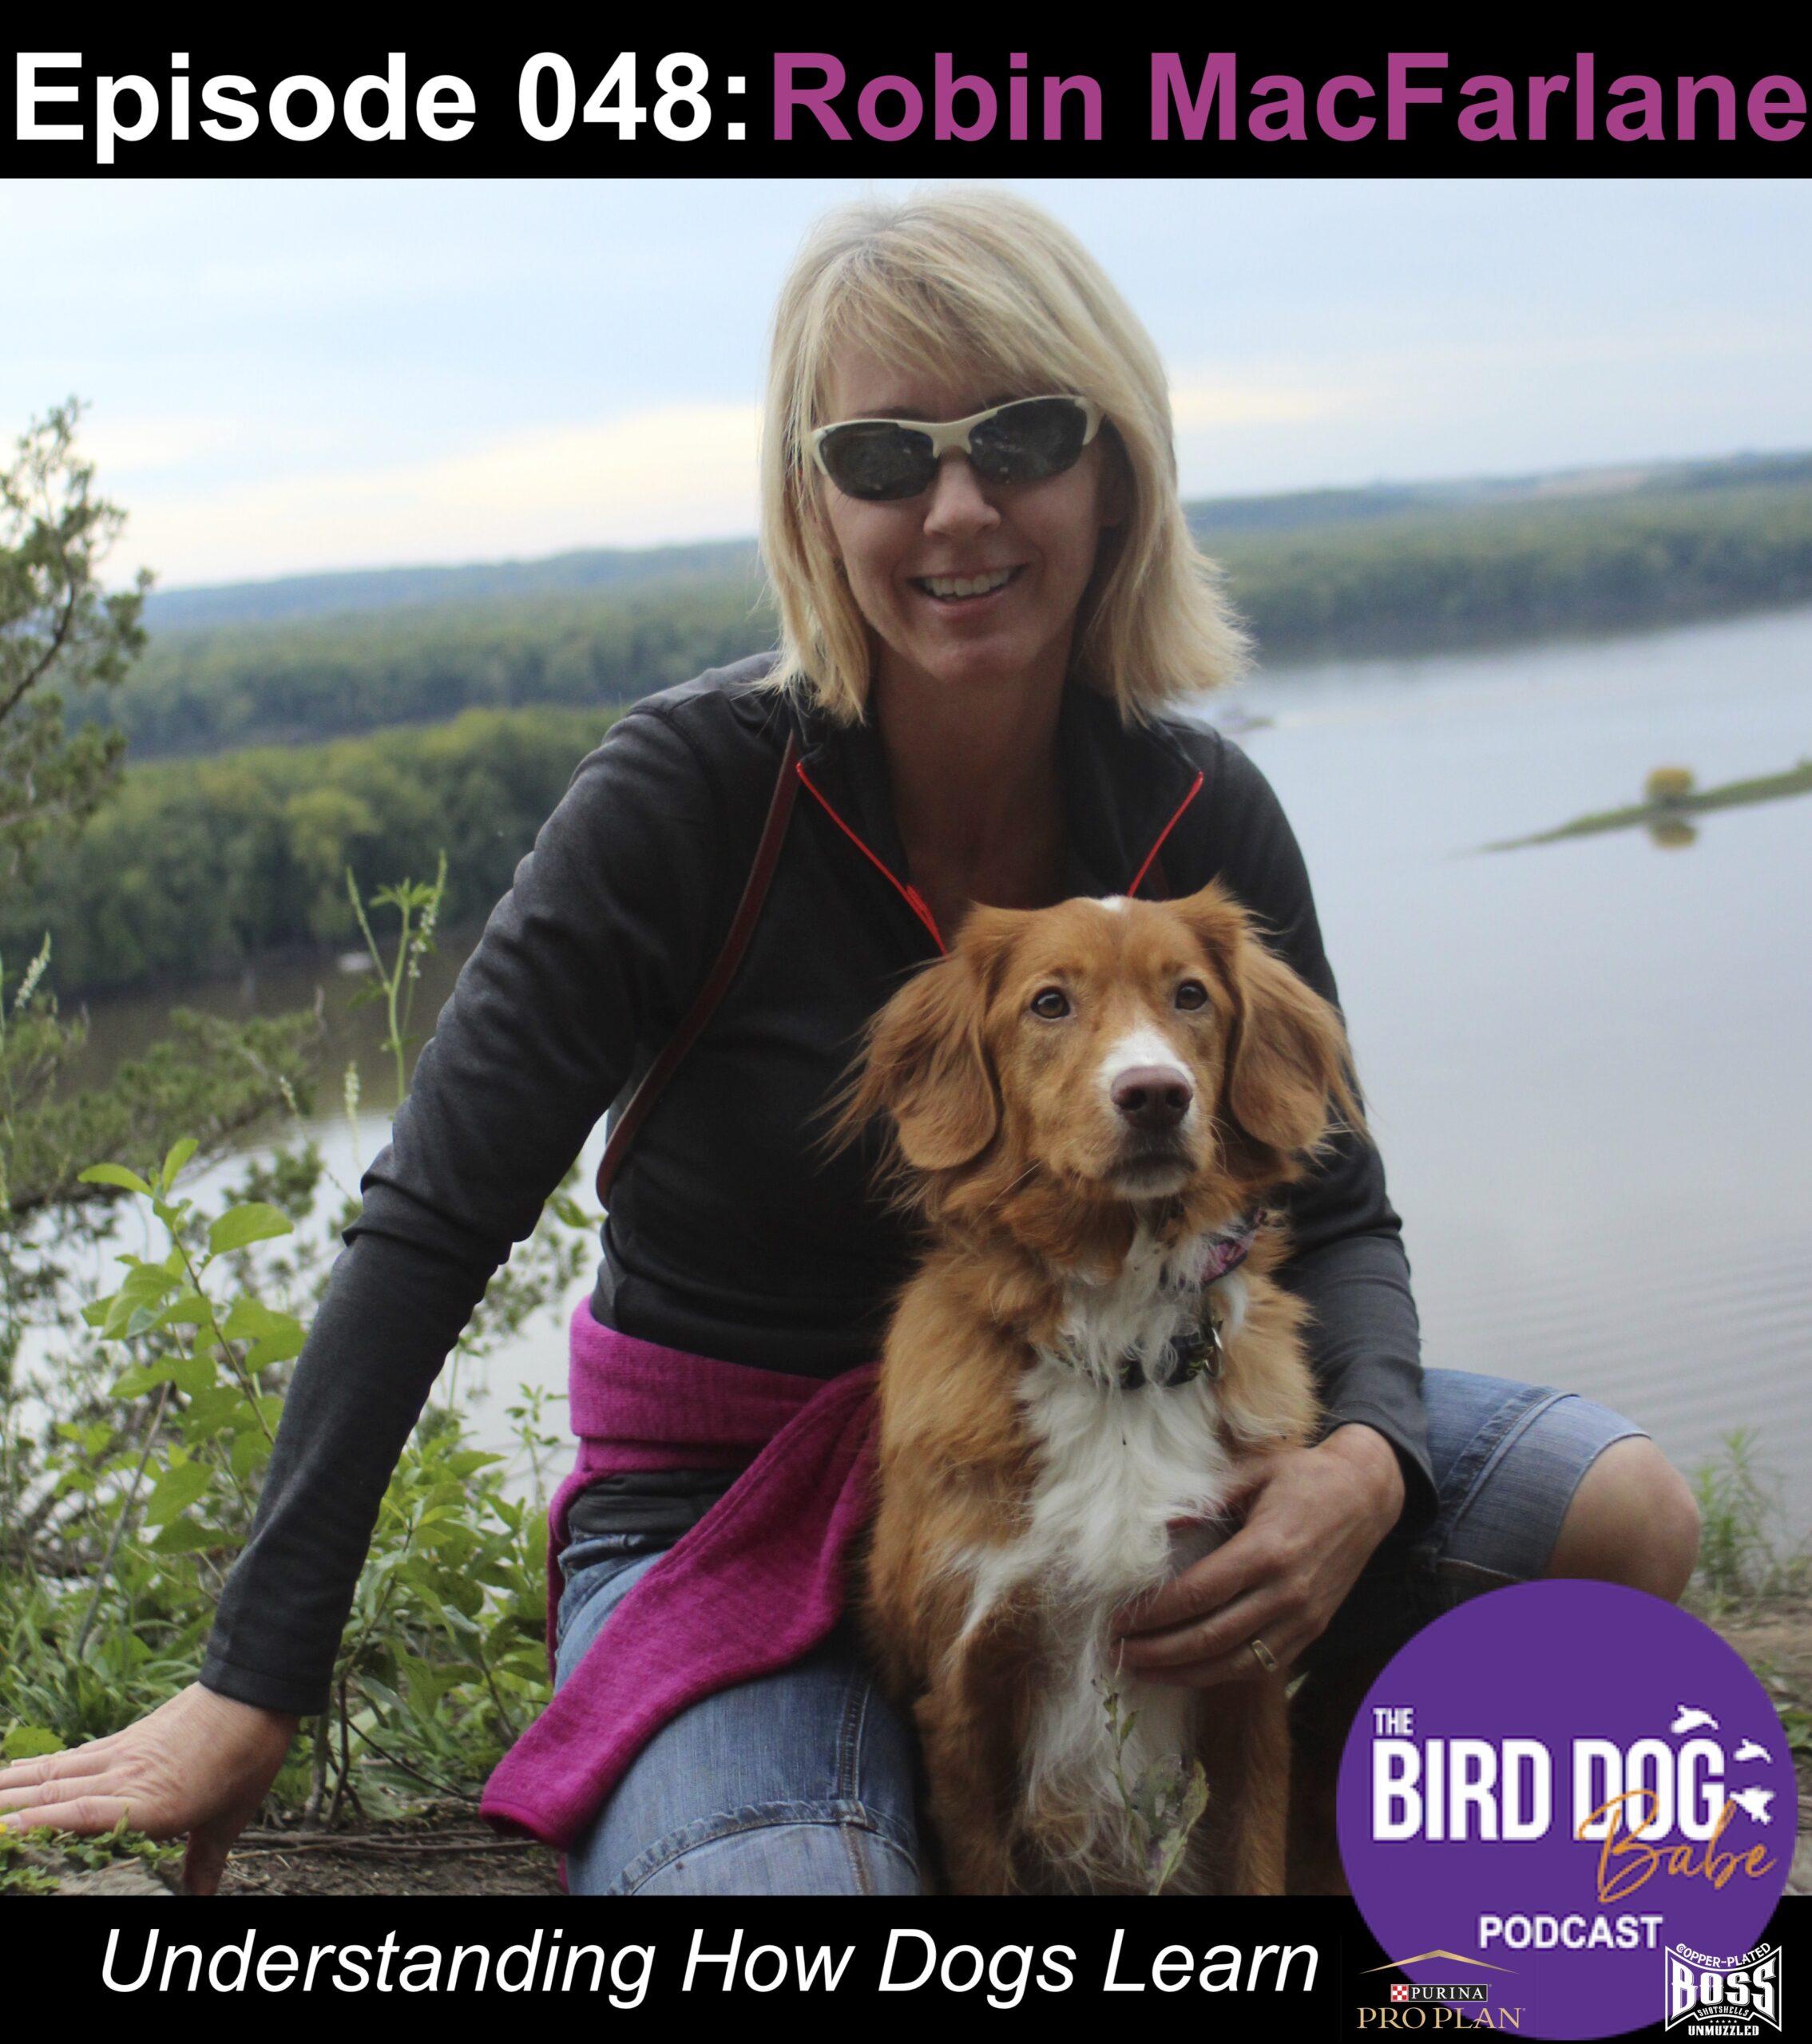 Episode 048: Understanding How Dogs Learn w/ Robin MacFarlane